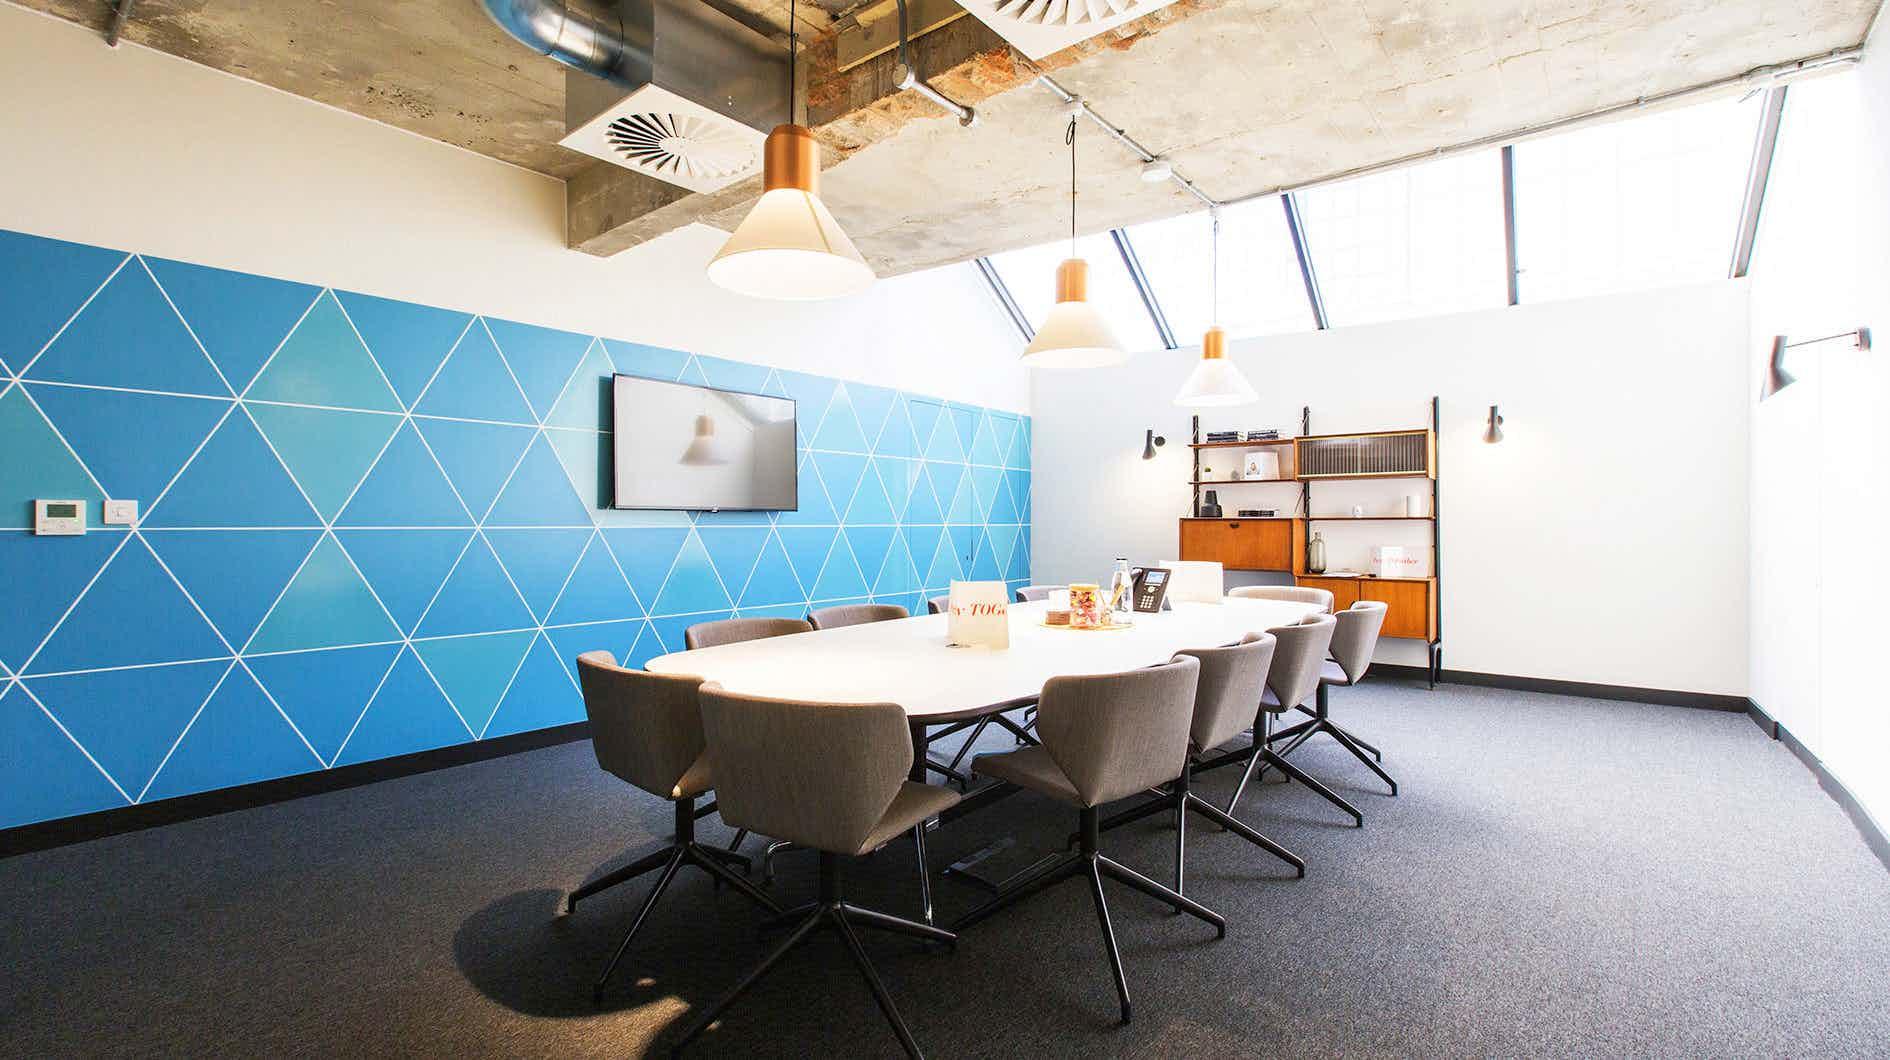 Meeting Room 1, TOG, 256-260 Old Street